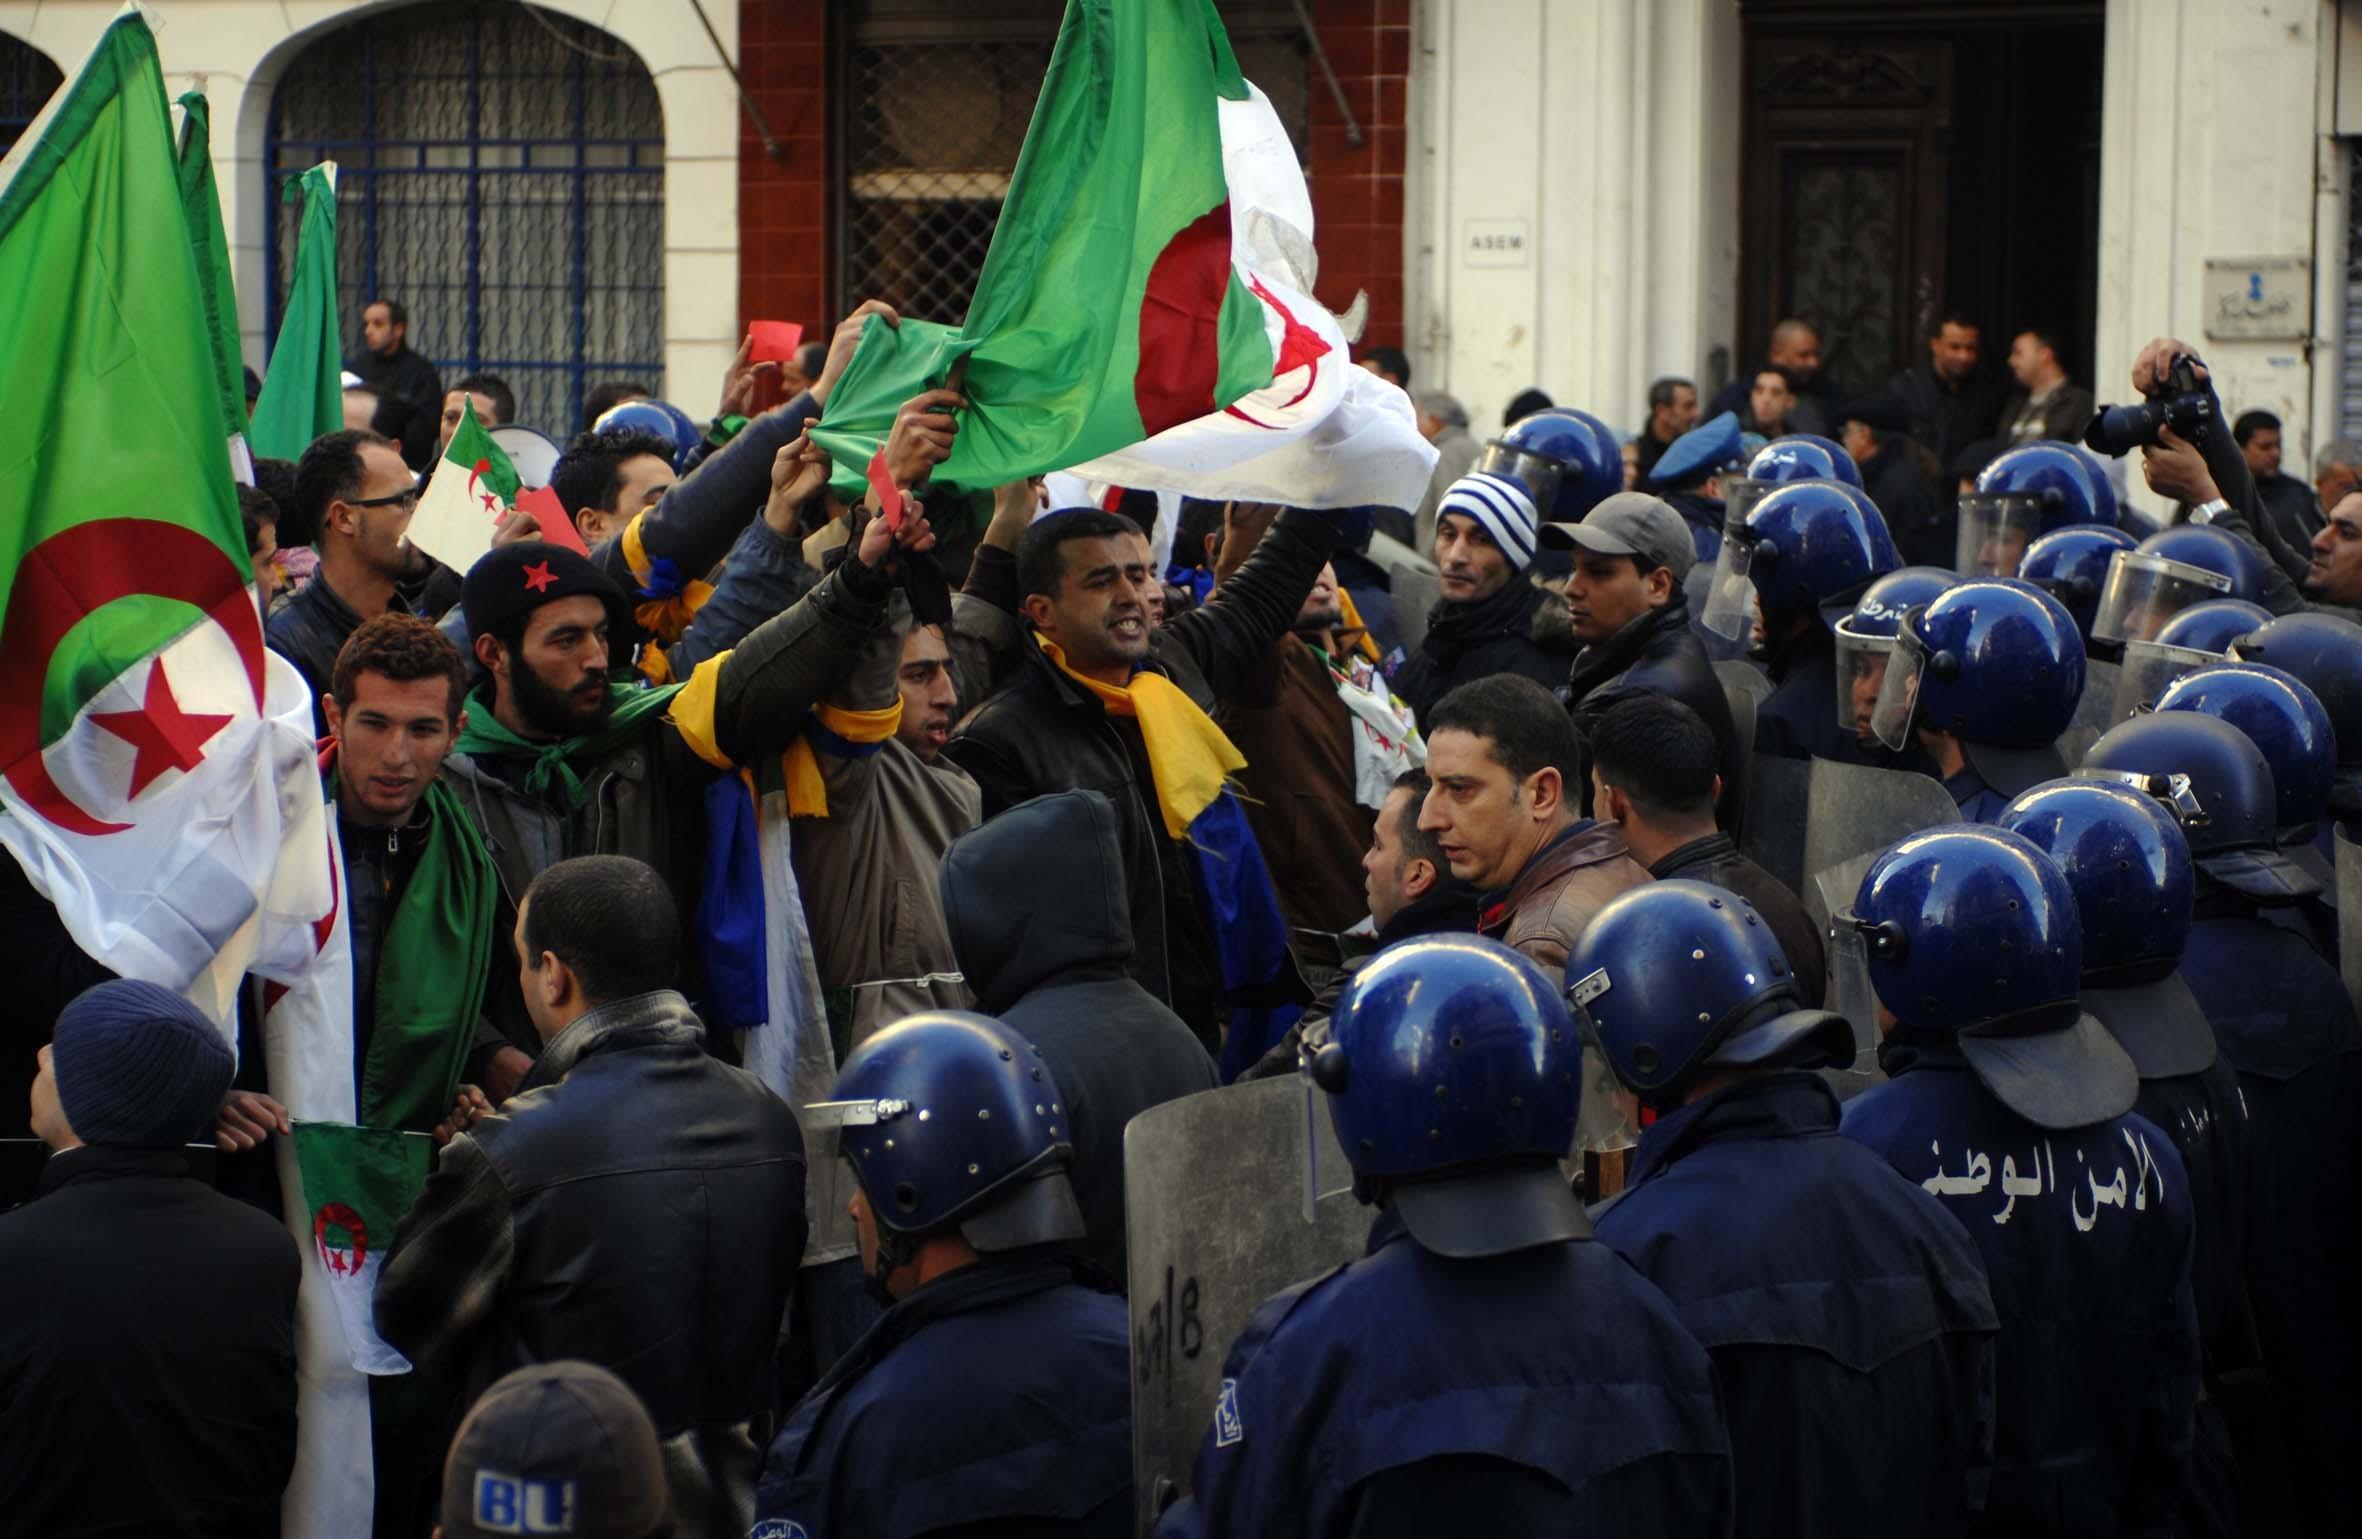 الجزائرـ الصحافة الدولية تؤكد قوة التعبئة في مسيرات الجمعة 26 — TSA عربي